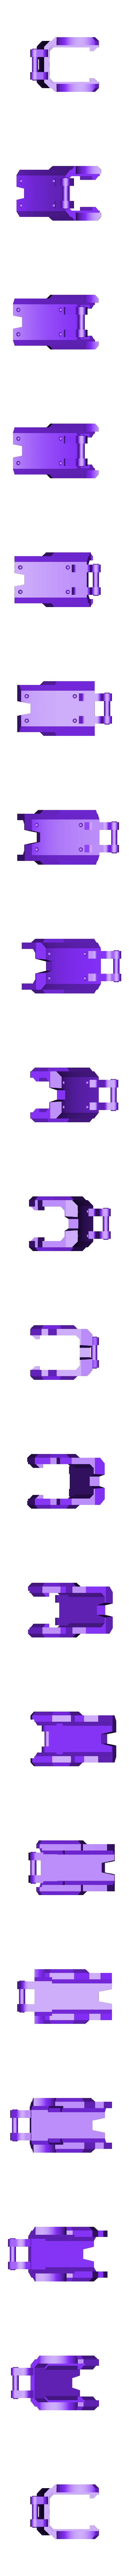 LegT1_Left_10_OliveGreen.stl Download STL file Heavy Gun Walker • 3D print design, Jwoong